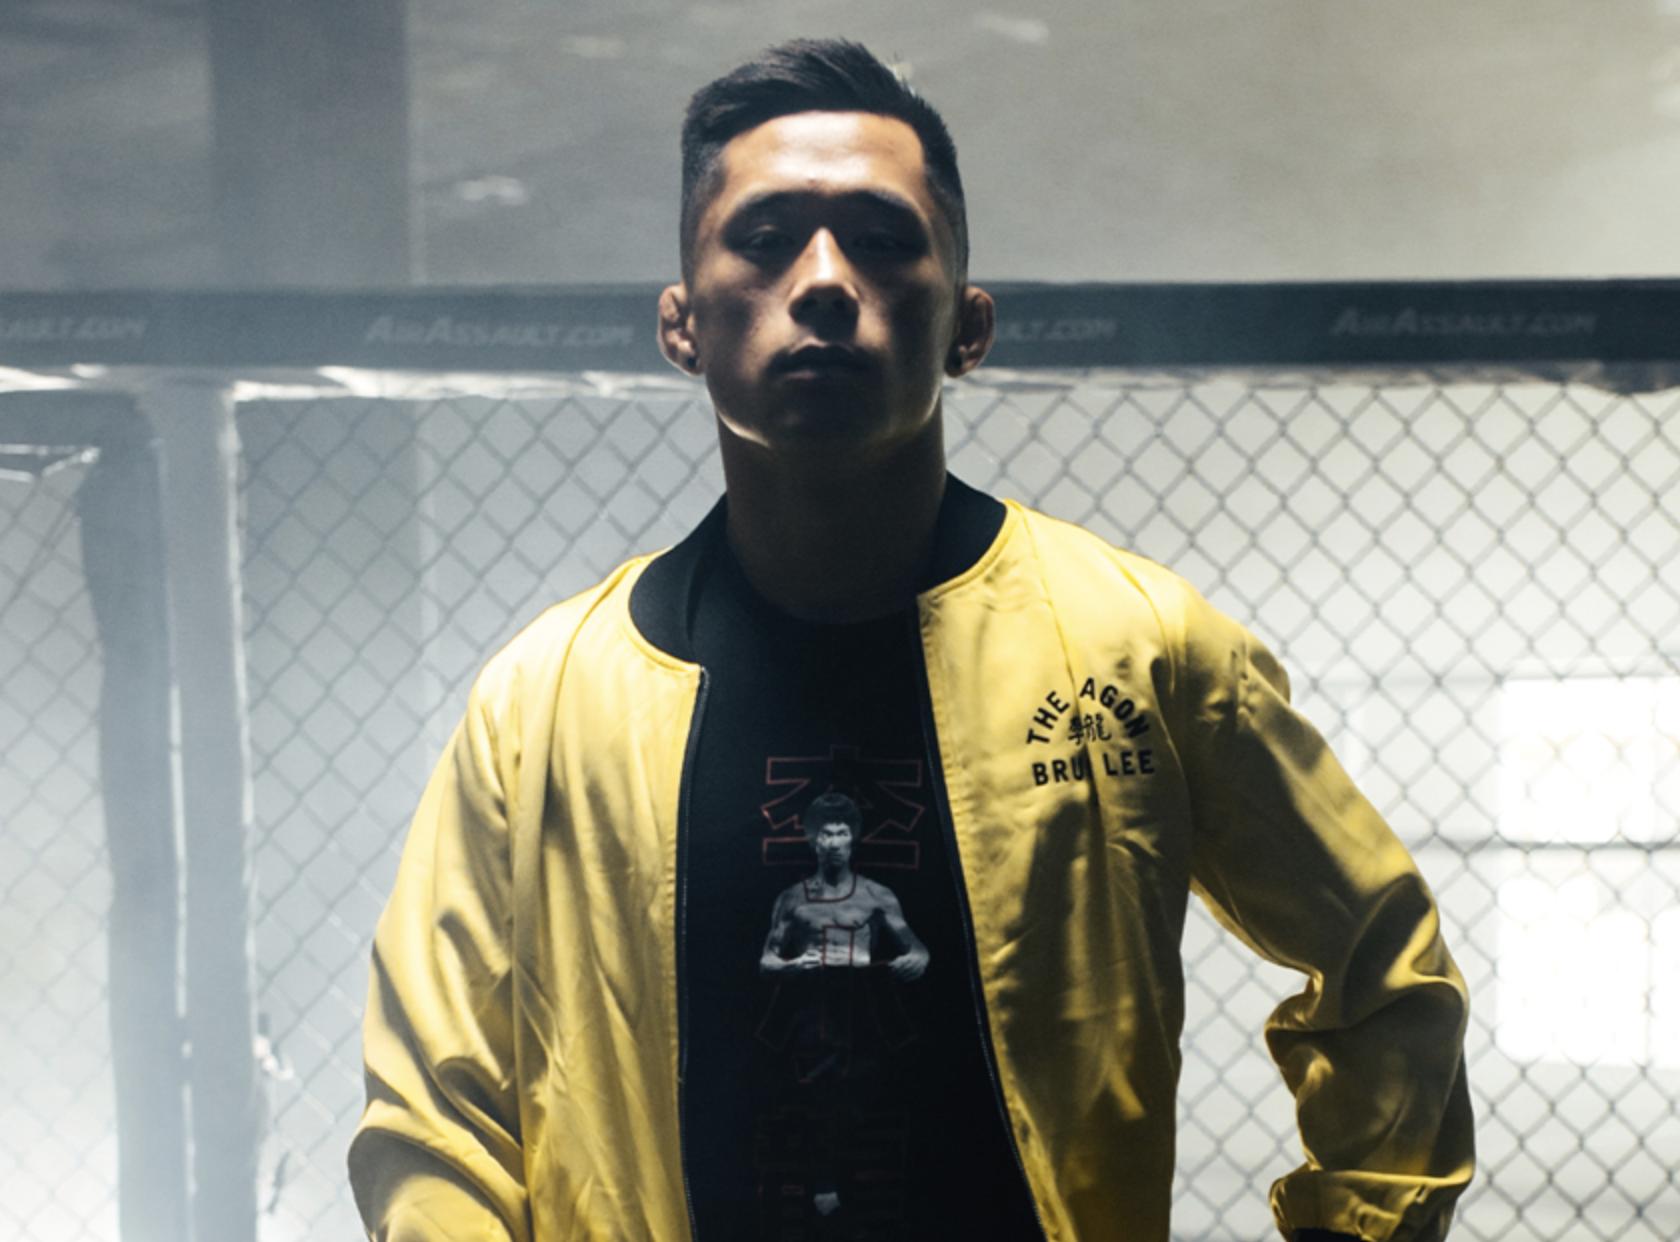 纪念李小龙诞辰80周年!ONE冠军赛推出限量版李小龙联名系列运动服饰